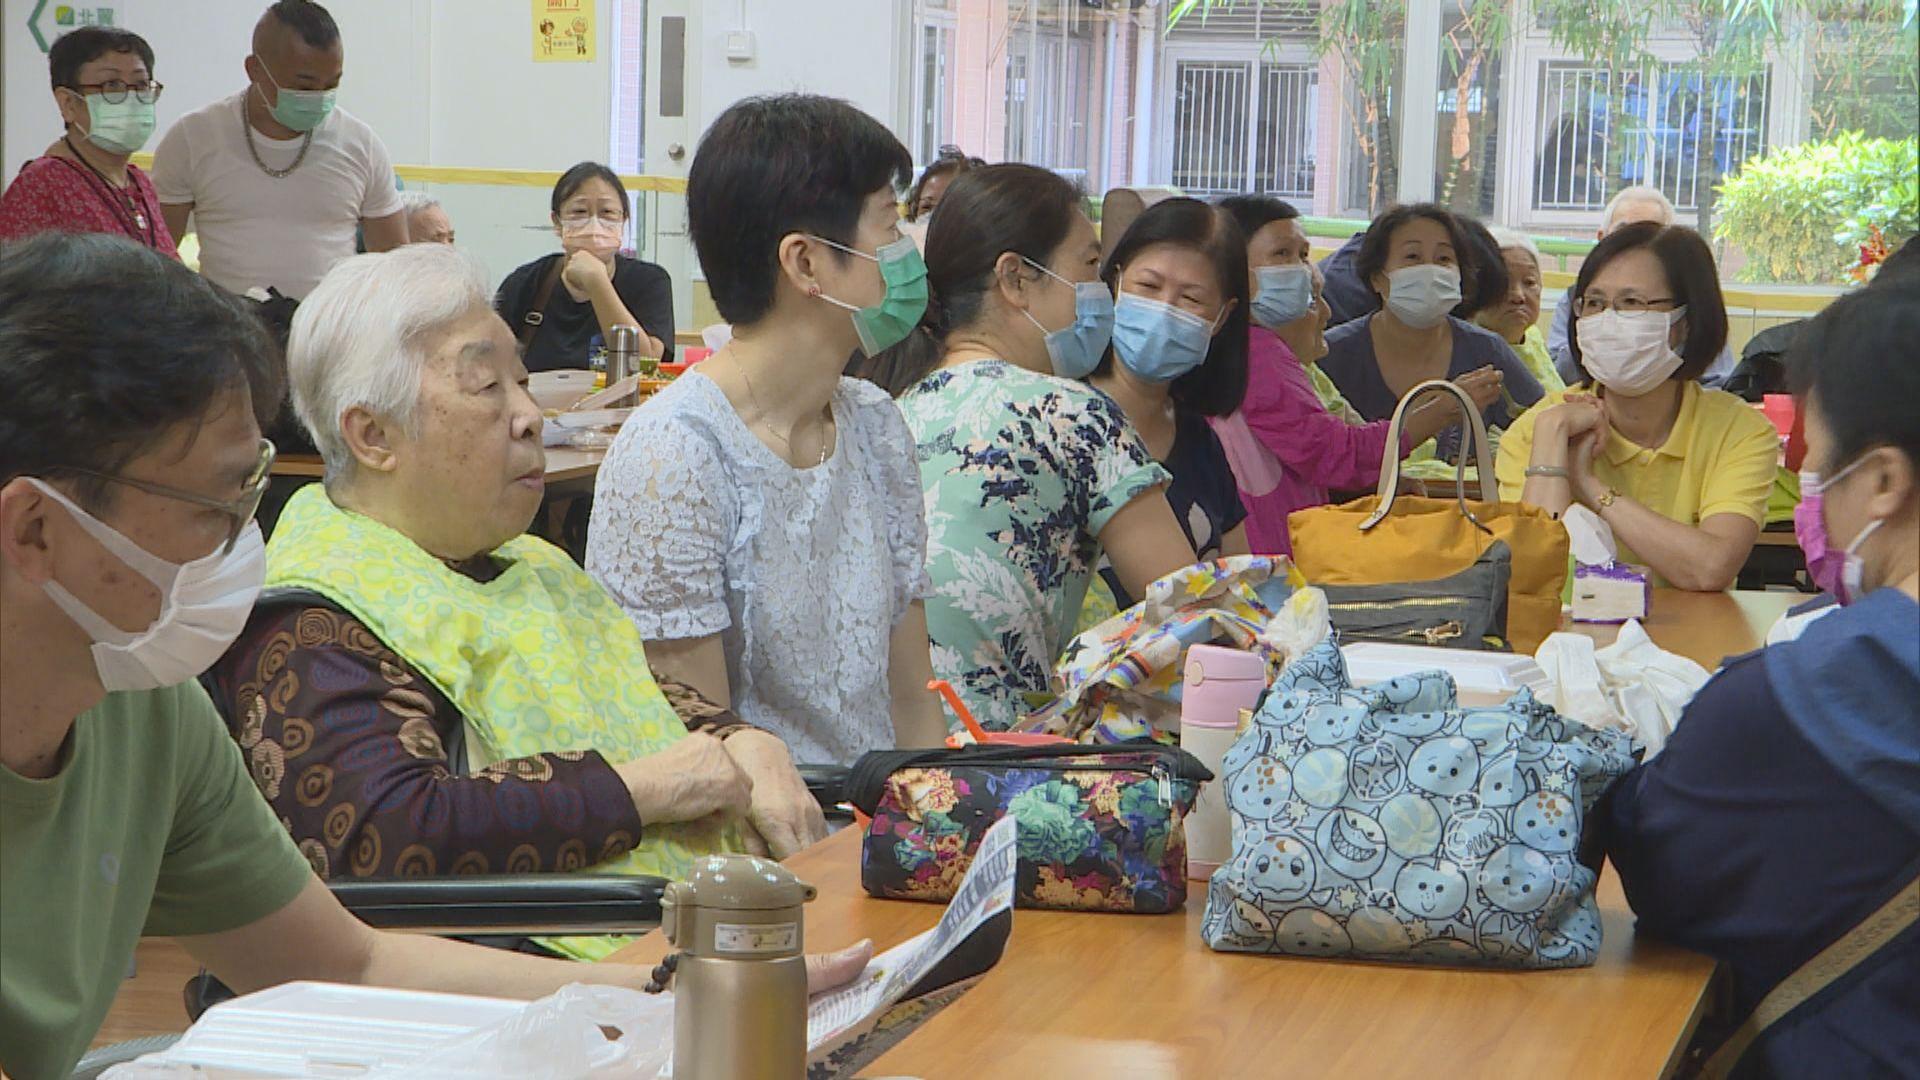 安老院趁母親節放寬探訪安排 近二百人報名